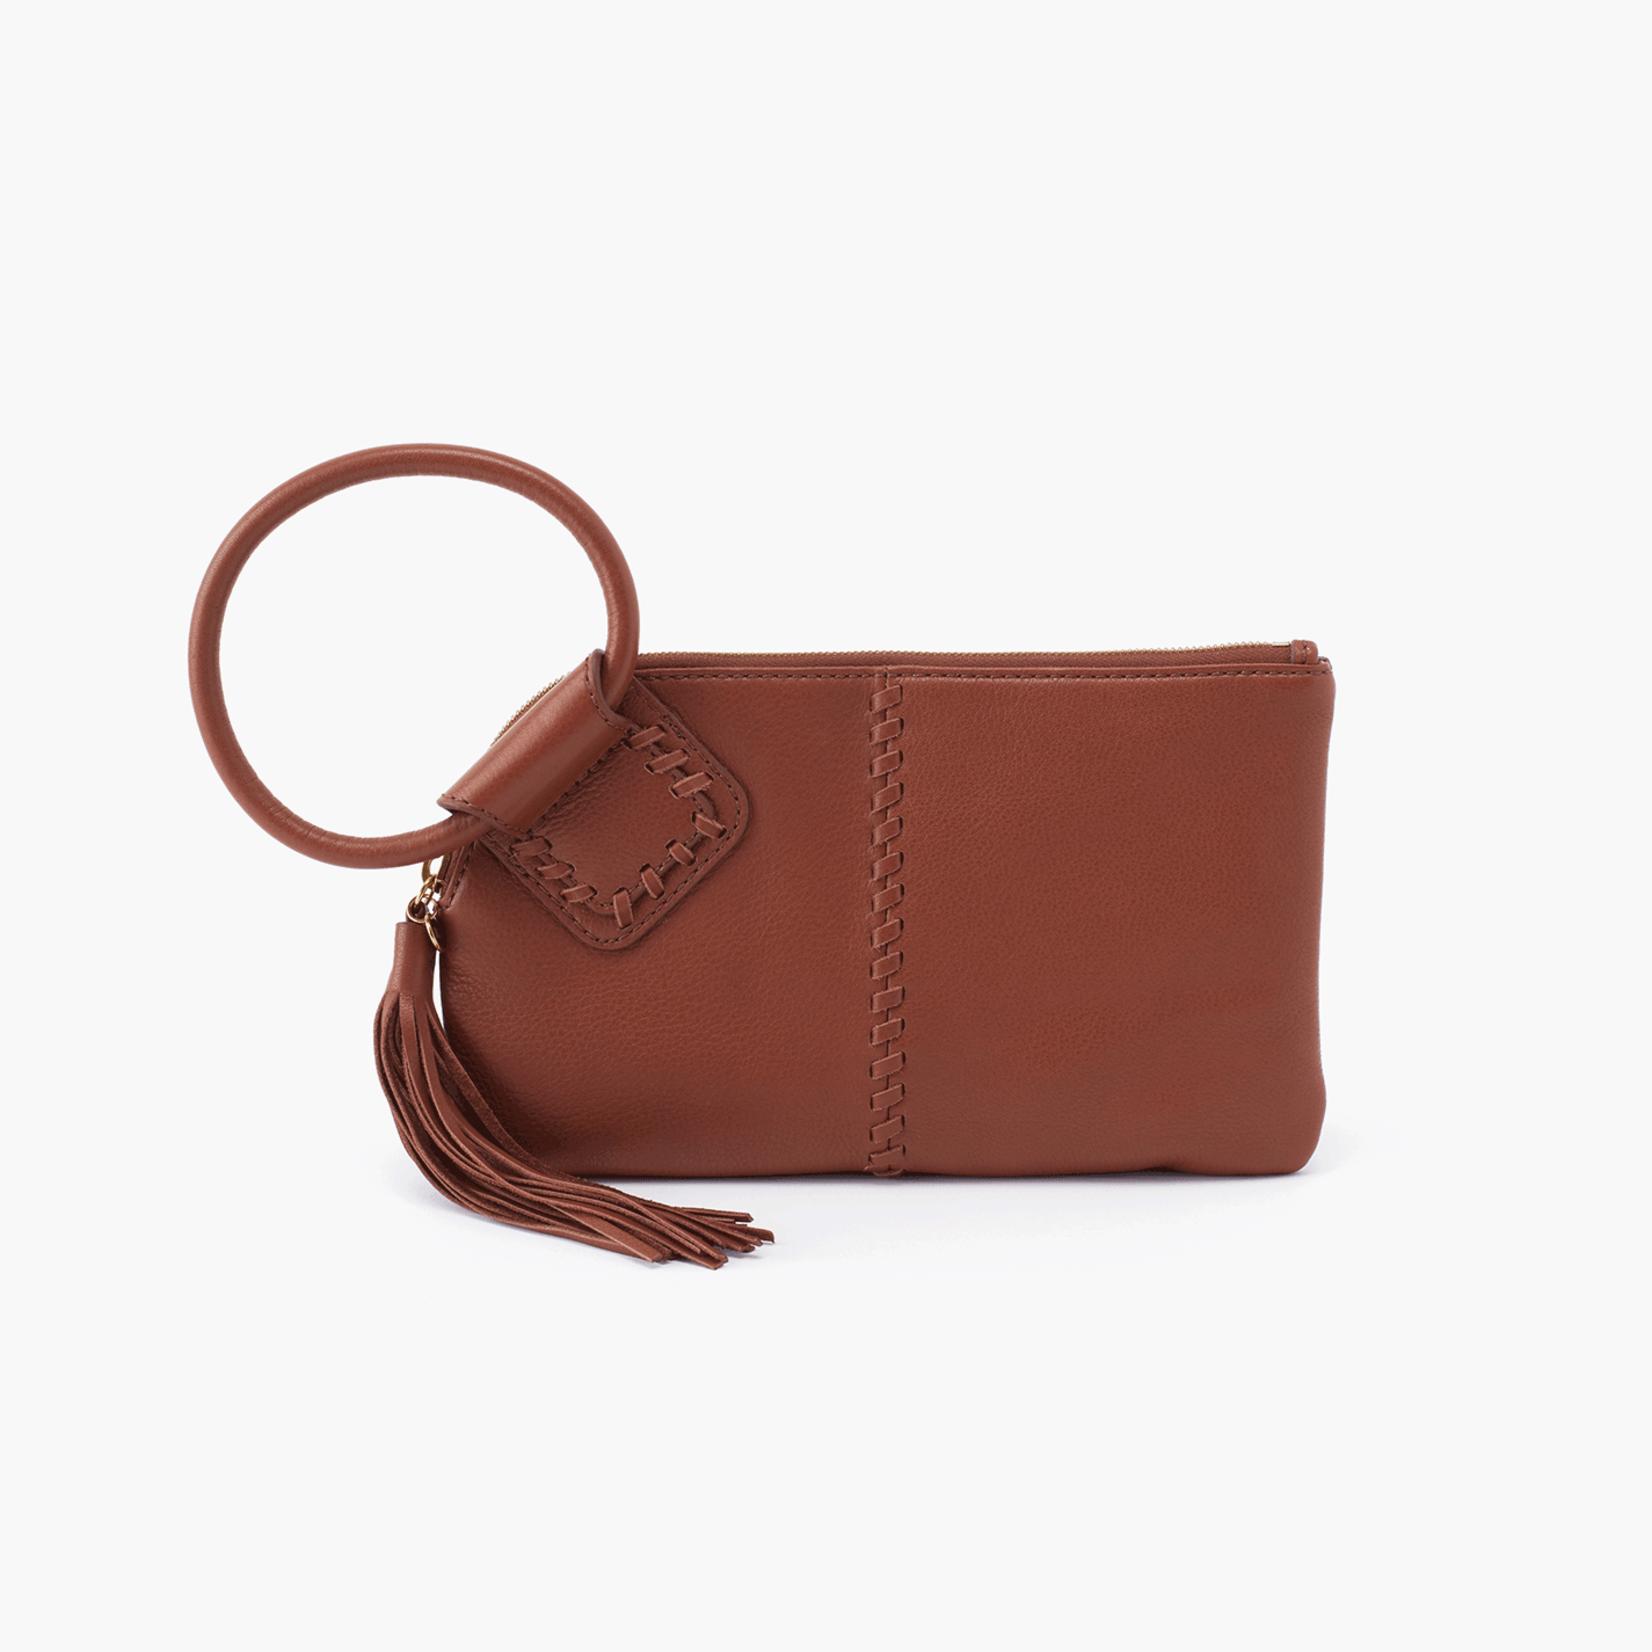 HOBO Sable Toffee Velvet Hide Leather Wristlet w/Loop